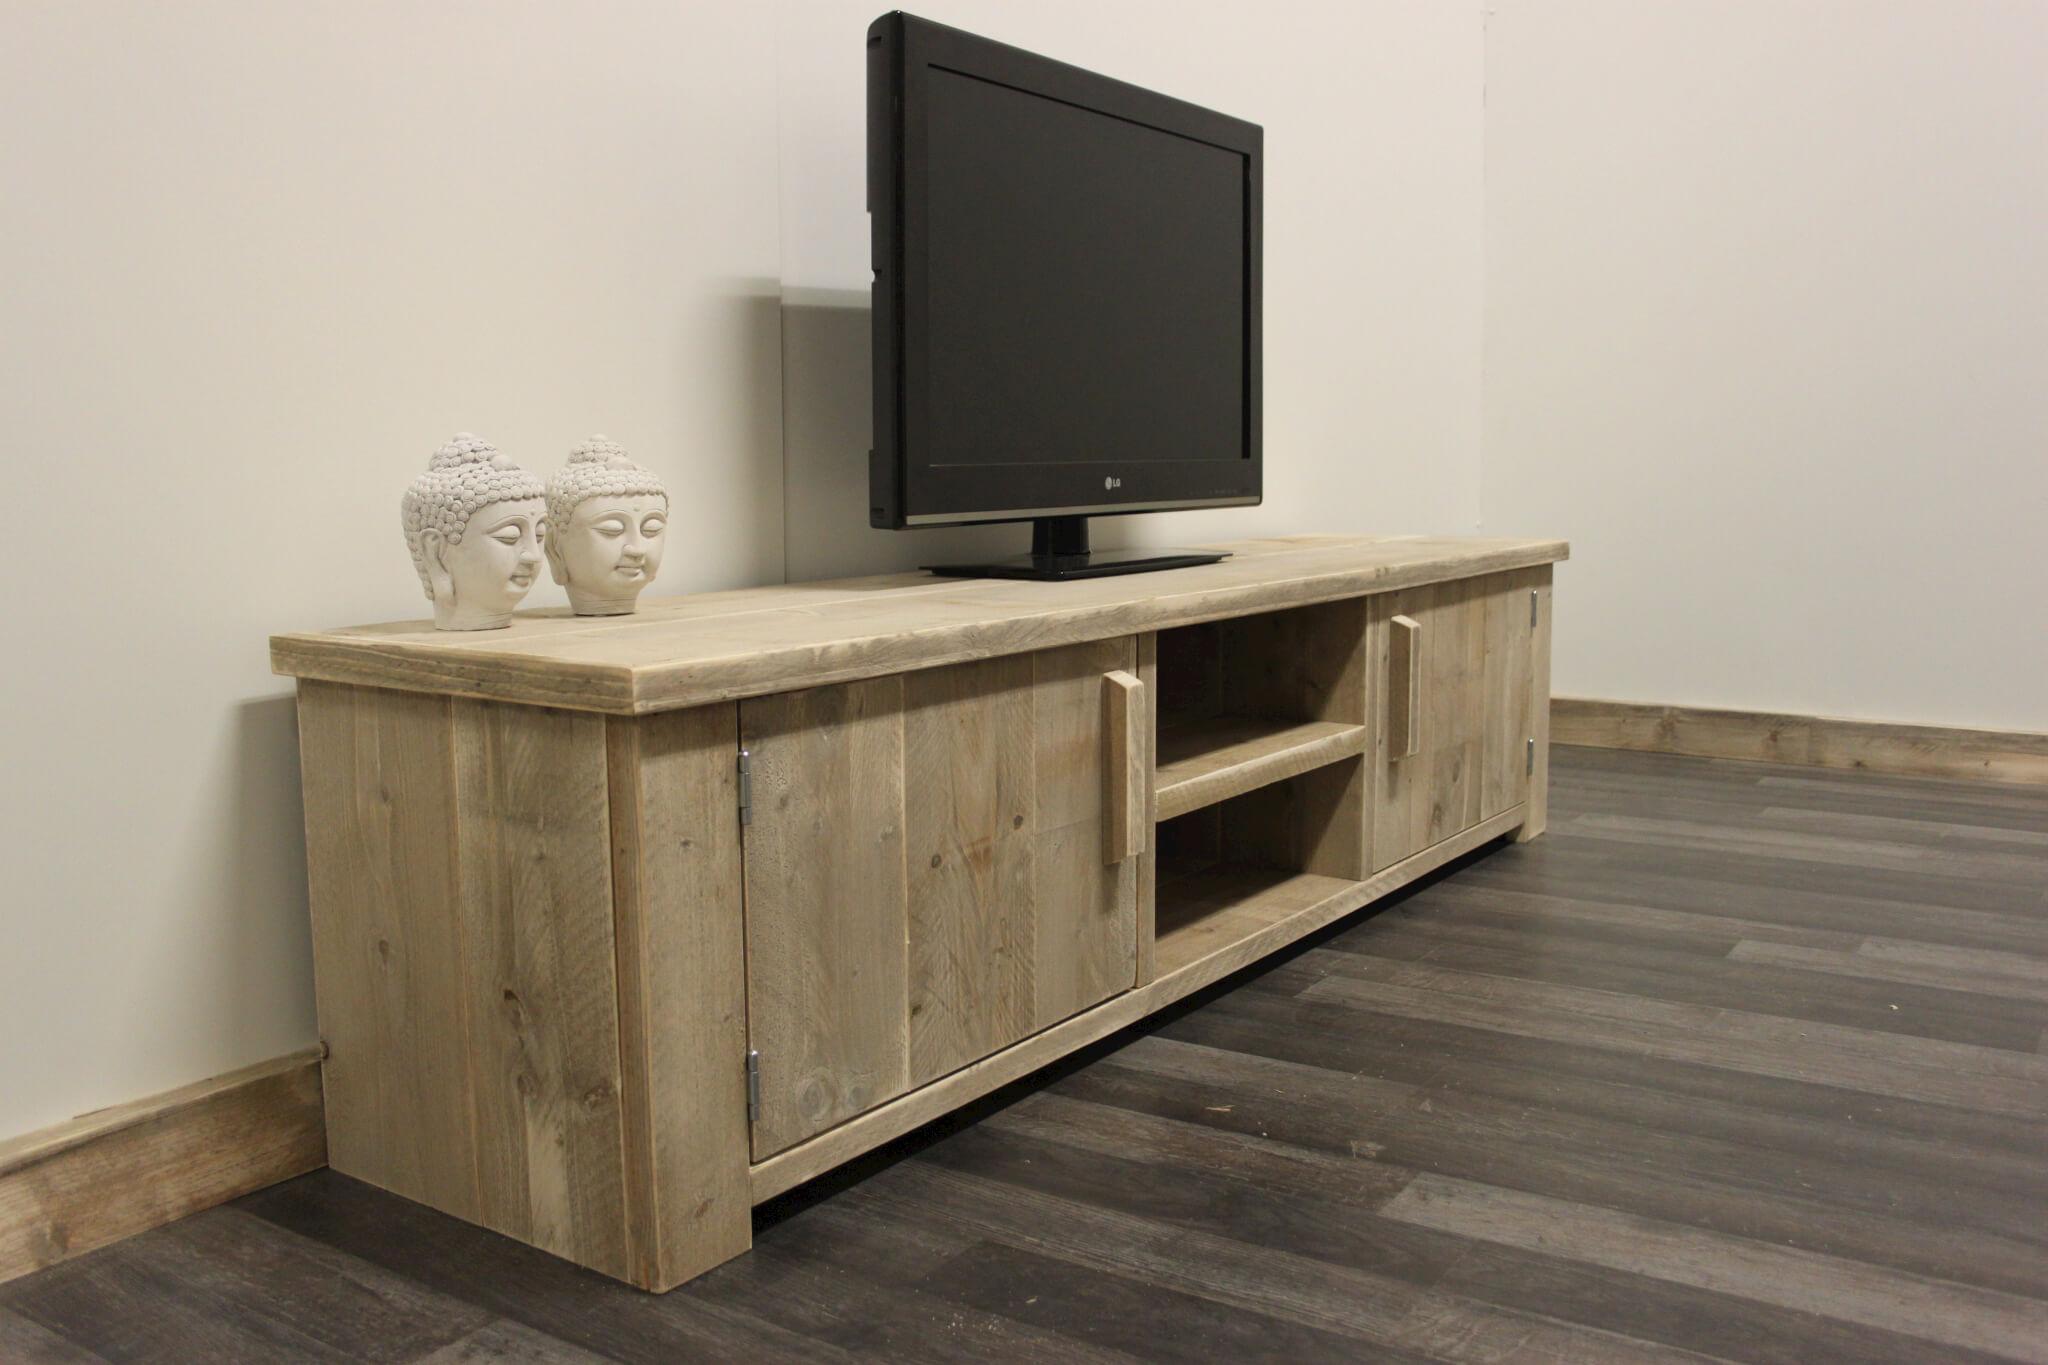 Aanbevolen 3929 modern teak tv meubel afbeelding foto beste voorbeelden afbeeldingen - Moderne badkamer meubels ...